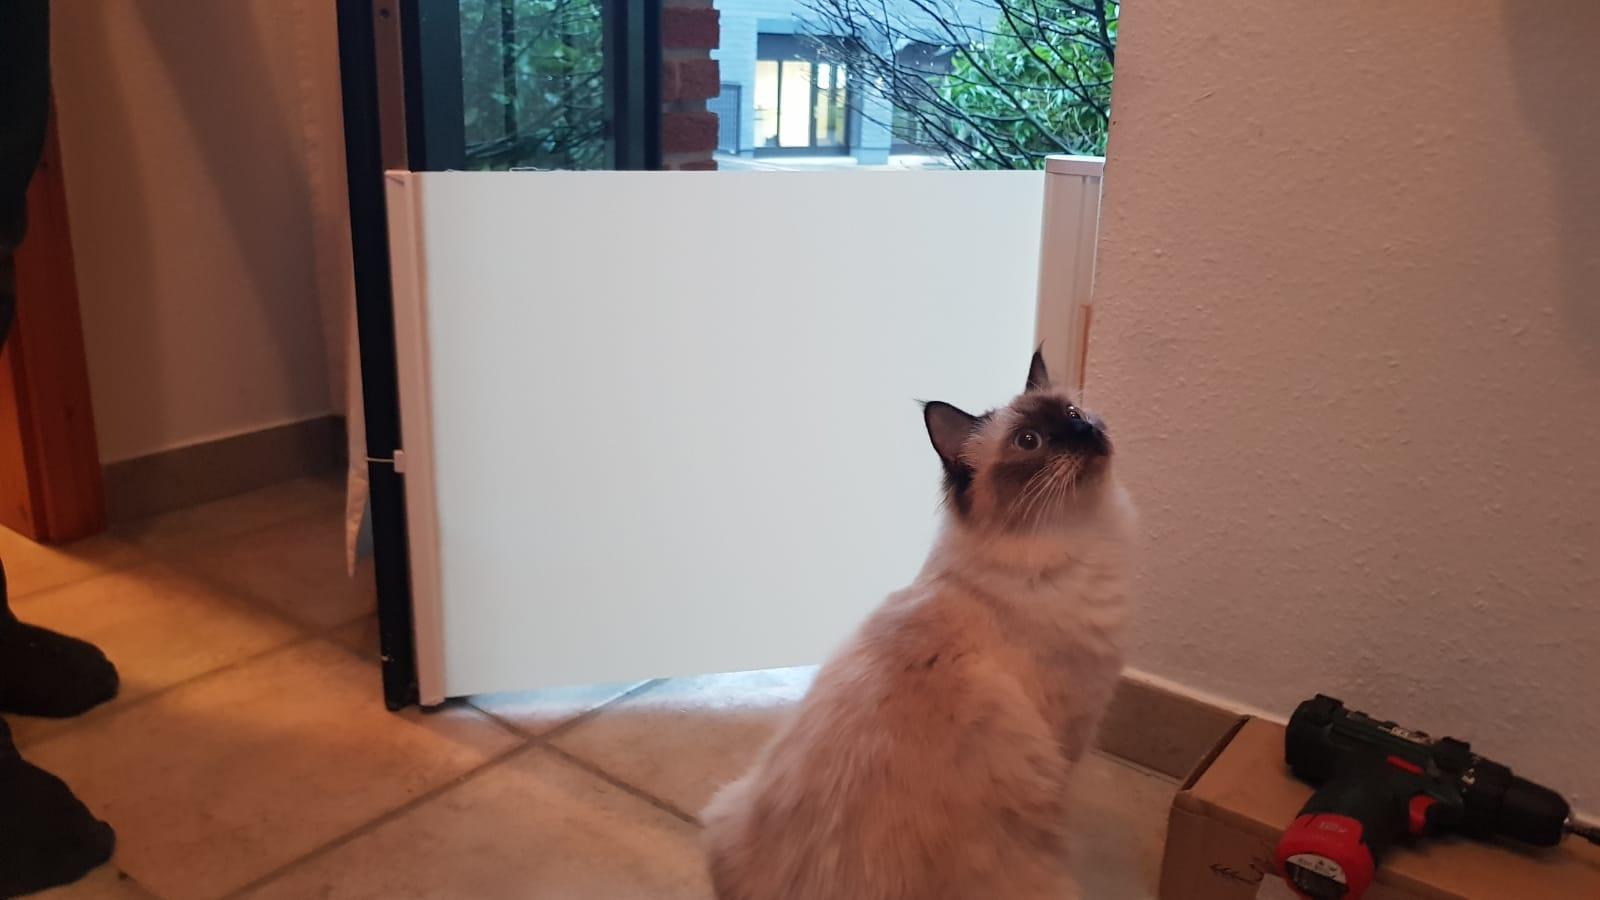 Türsperre für Haustiere